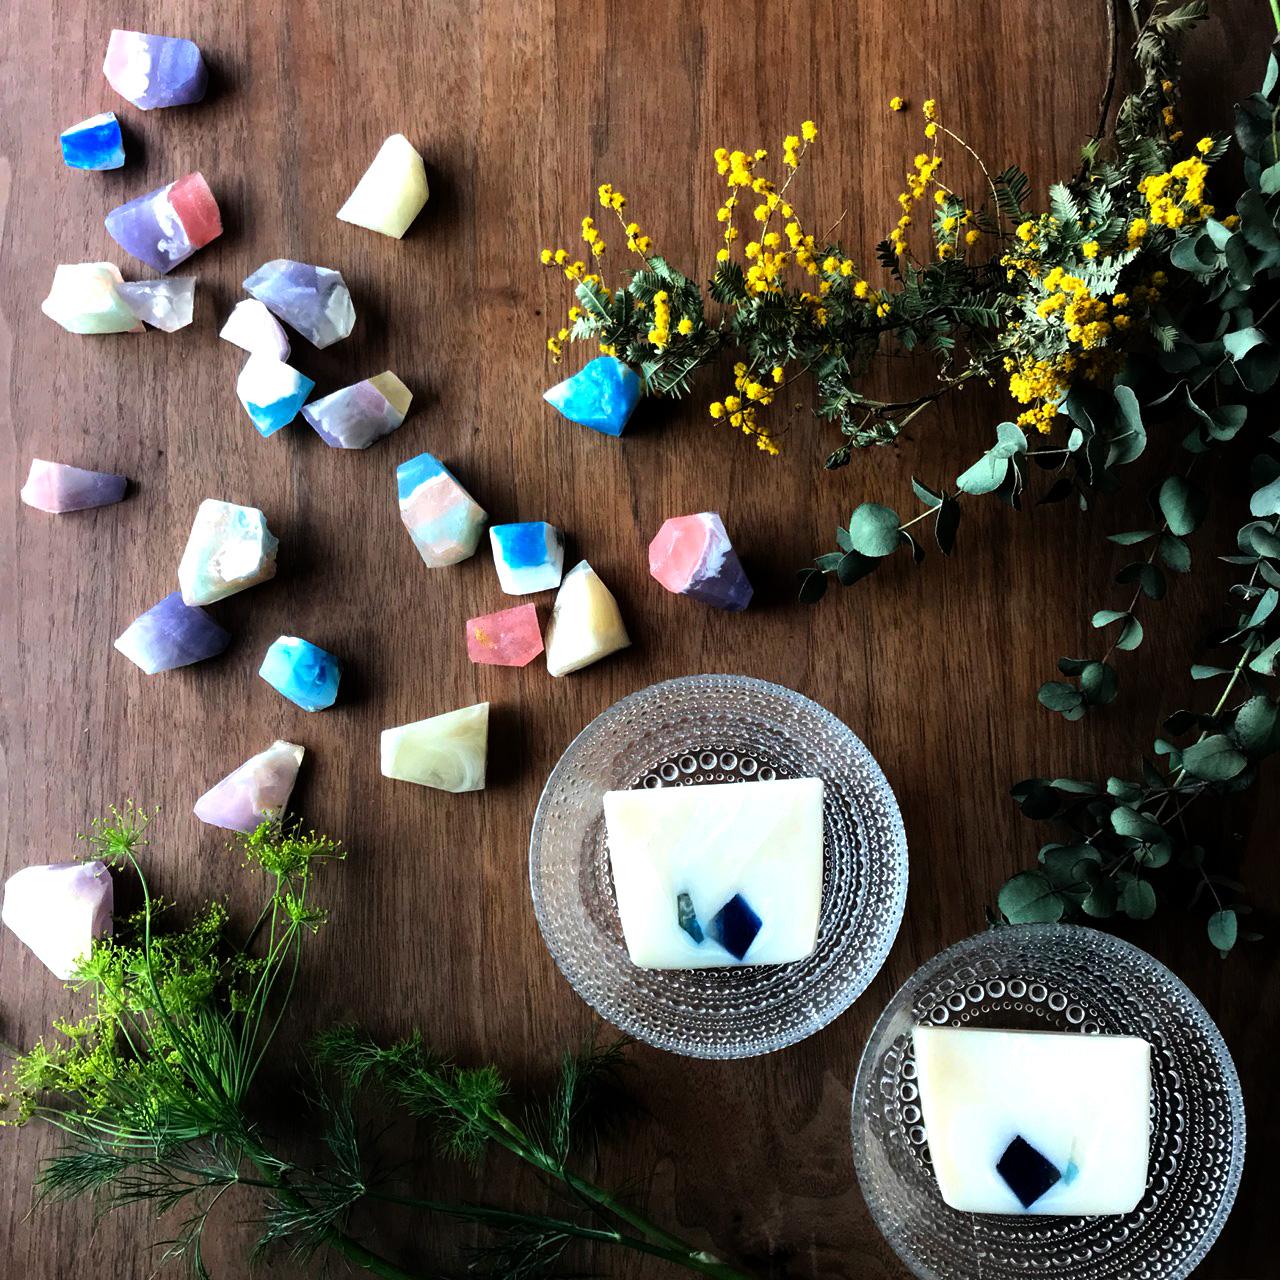 【参加者募集】今の私にピッタリ!パワフルオイルを使った石けん作り(ドリンク・お土産付) 第2回大人女子のアトリエじかん